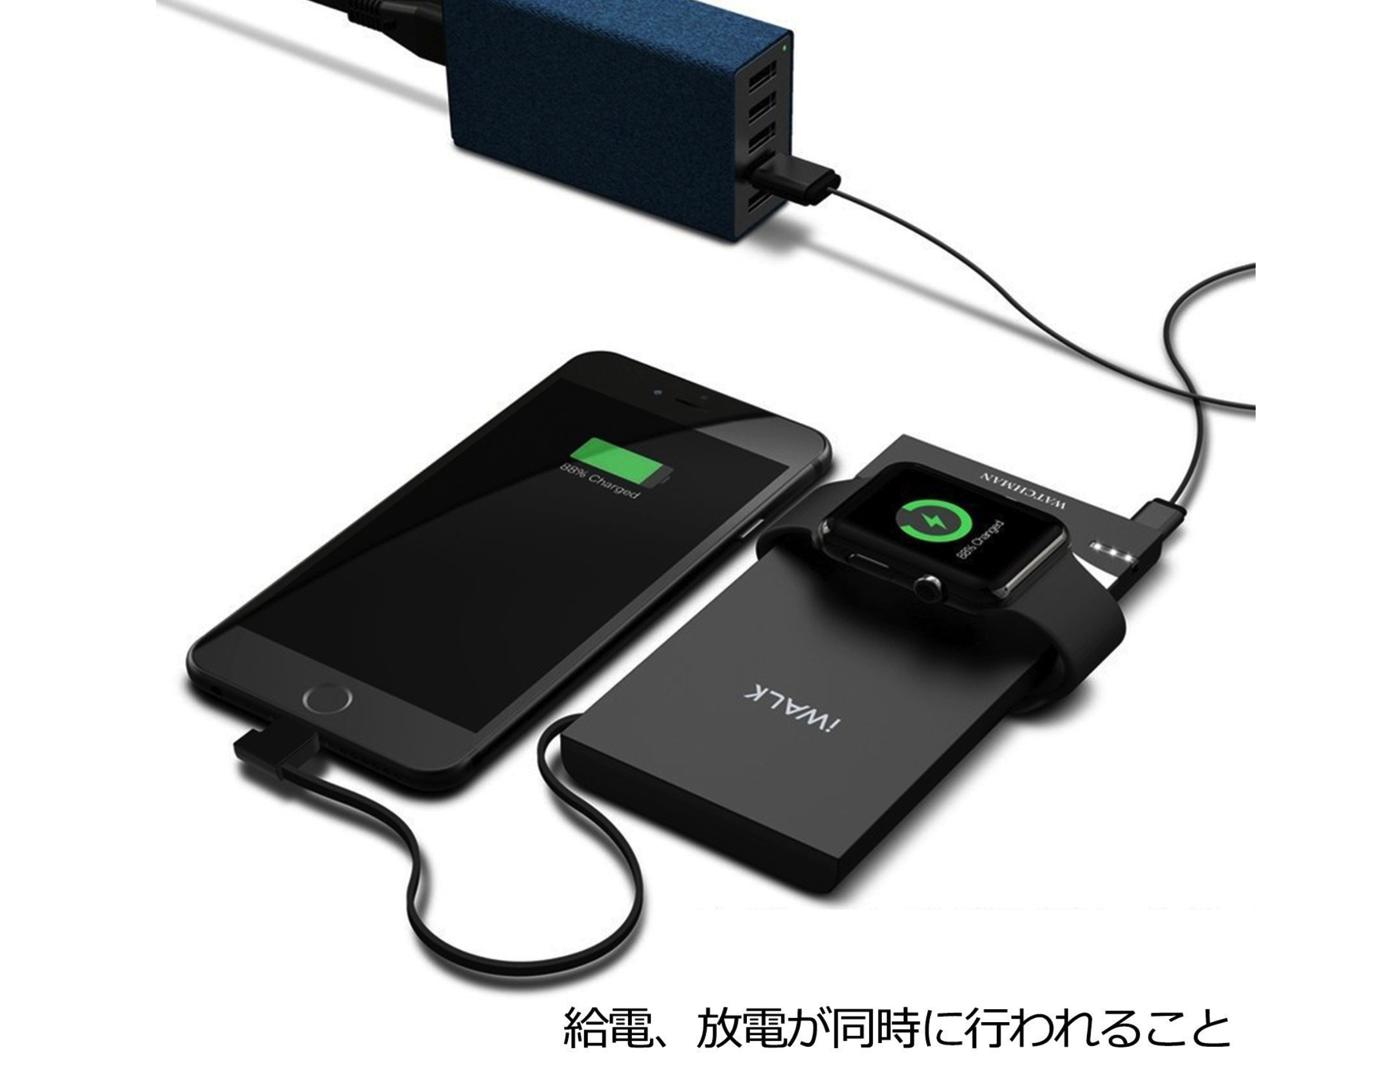 ライトニング(Lightning)ケーブル内蔵 iPhone/Apple Watch同時充電可能な大容量10000mAhのモバイルバッテリー-5